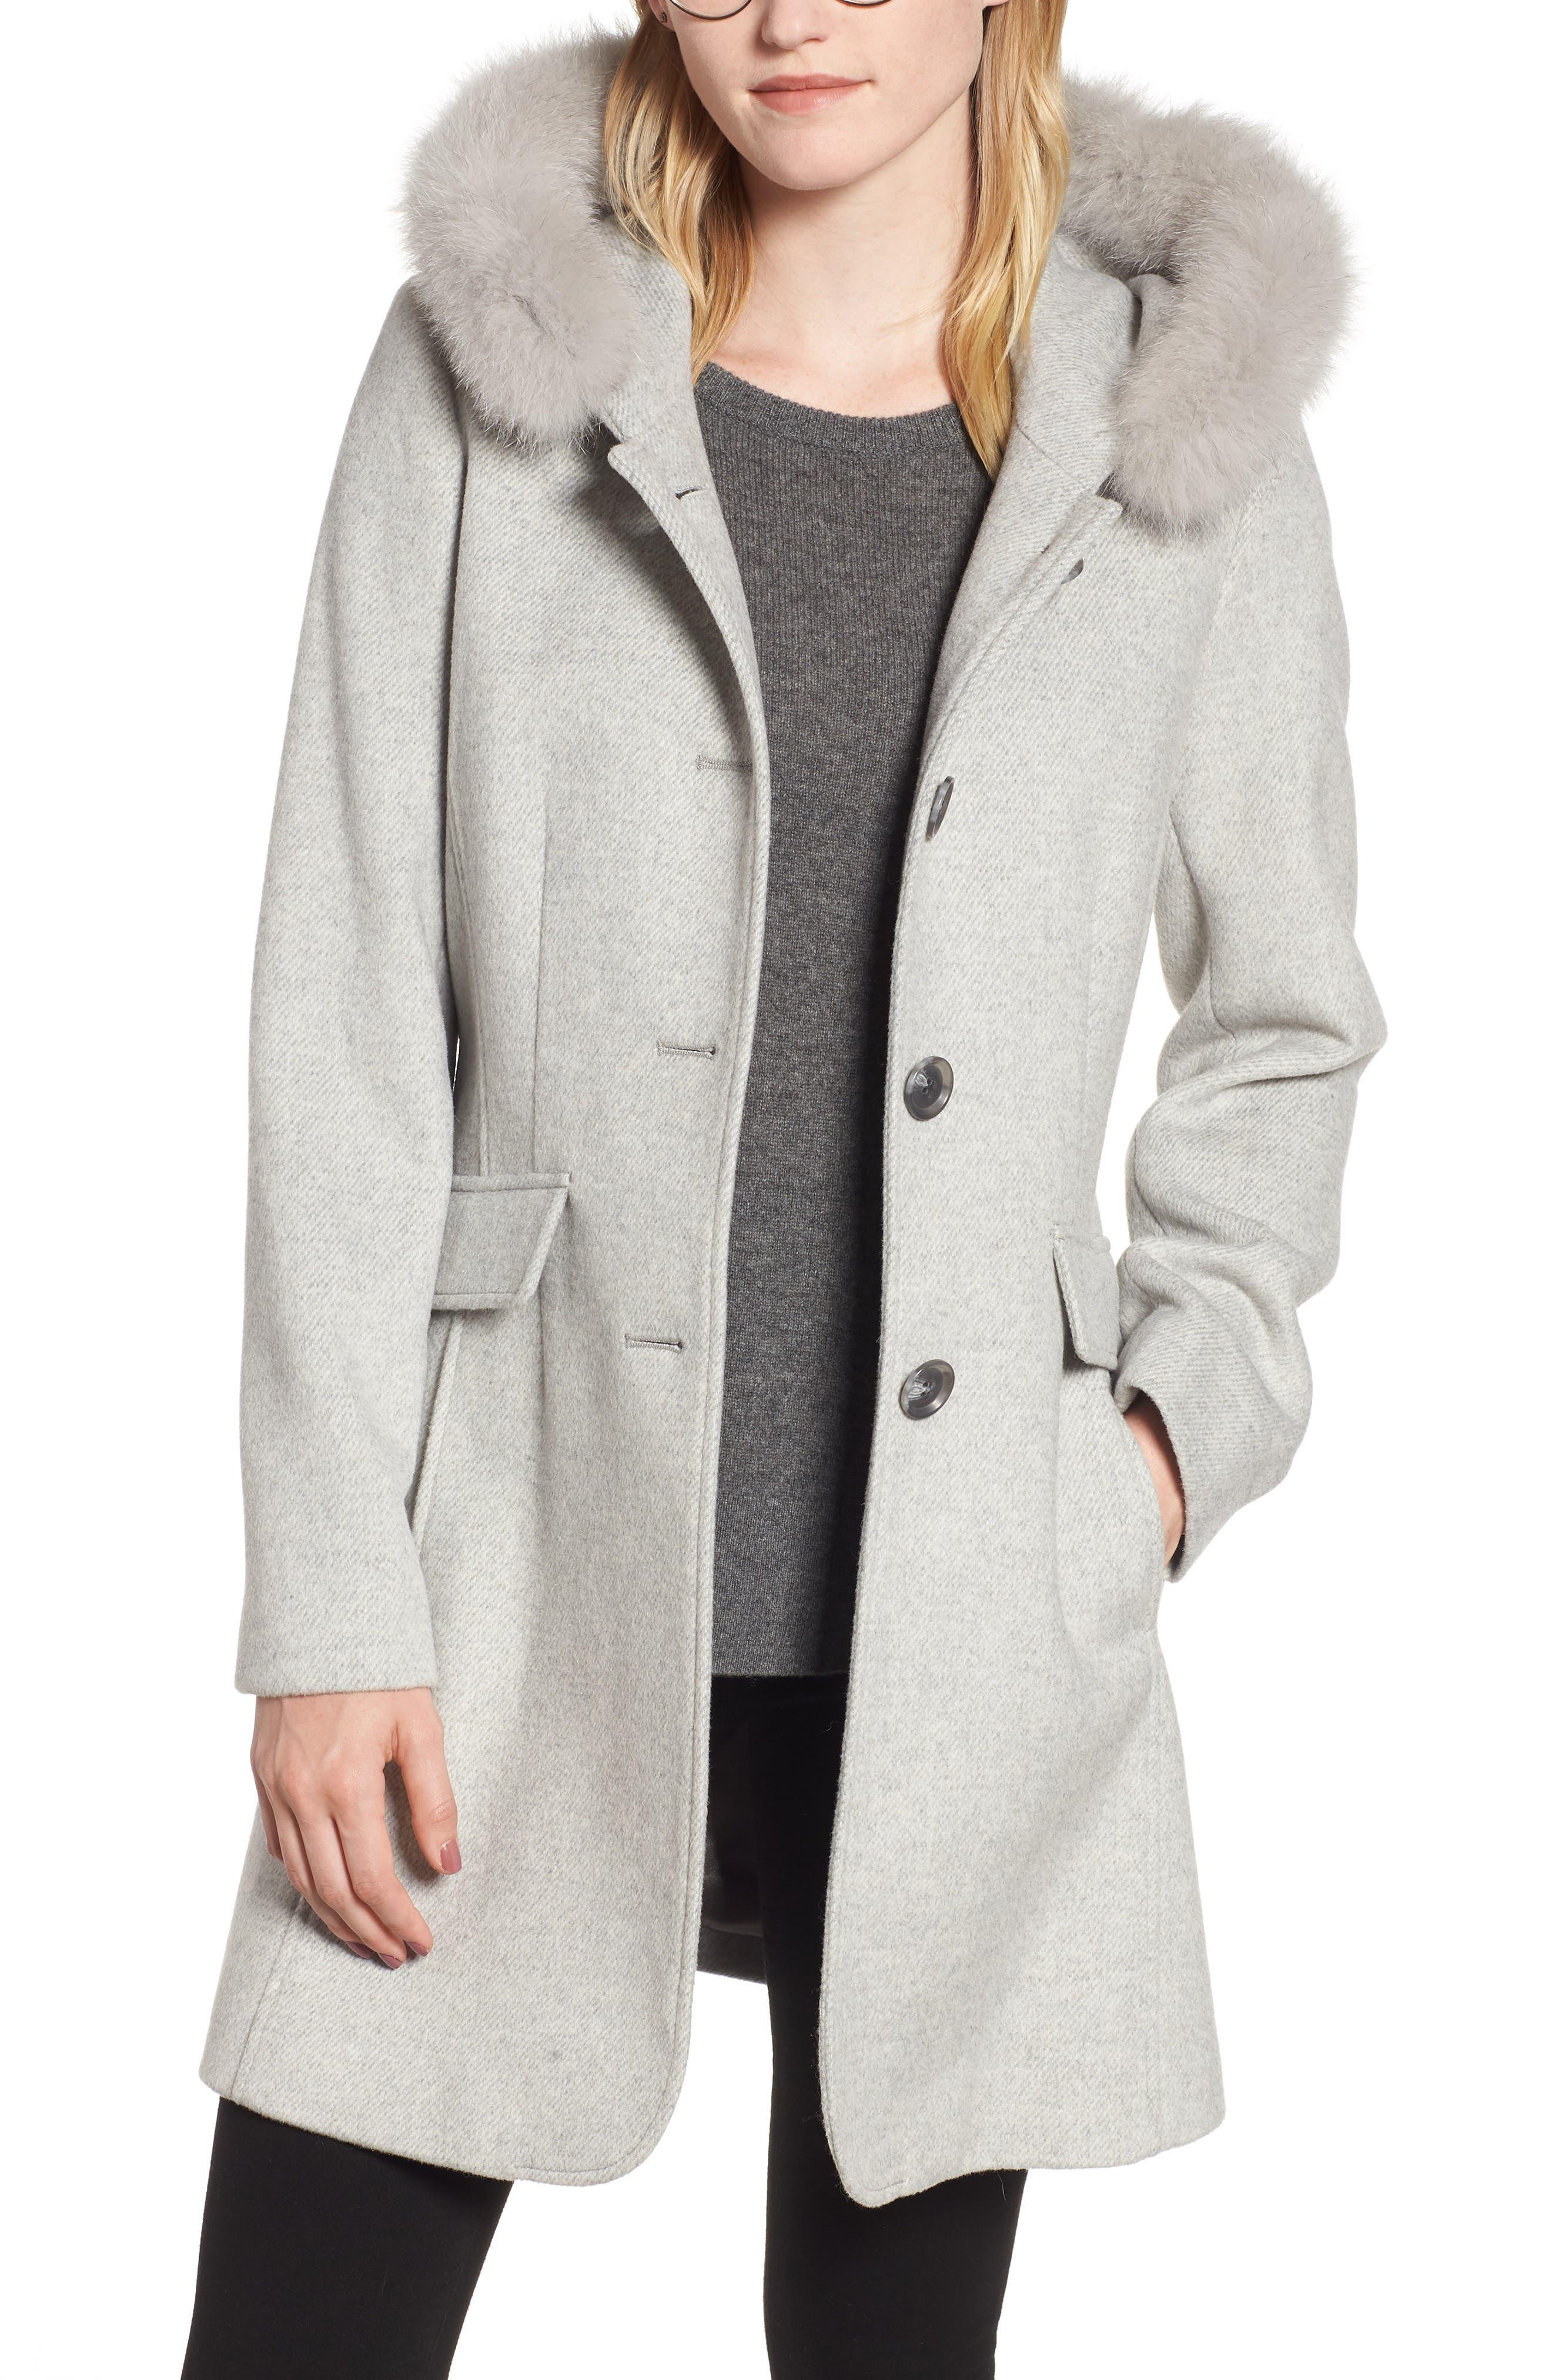 KRISTEN BLAKE Genuine Fox Trim Hooded Wool Coat, Main, color, GREY MELANGE